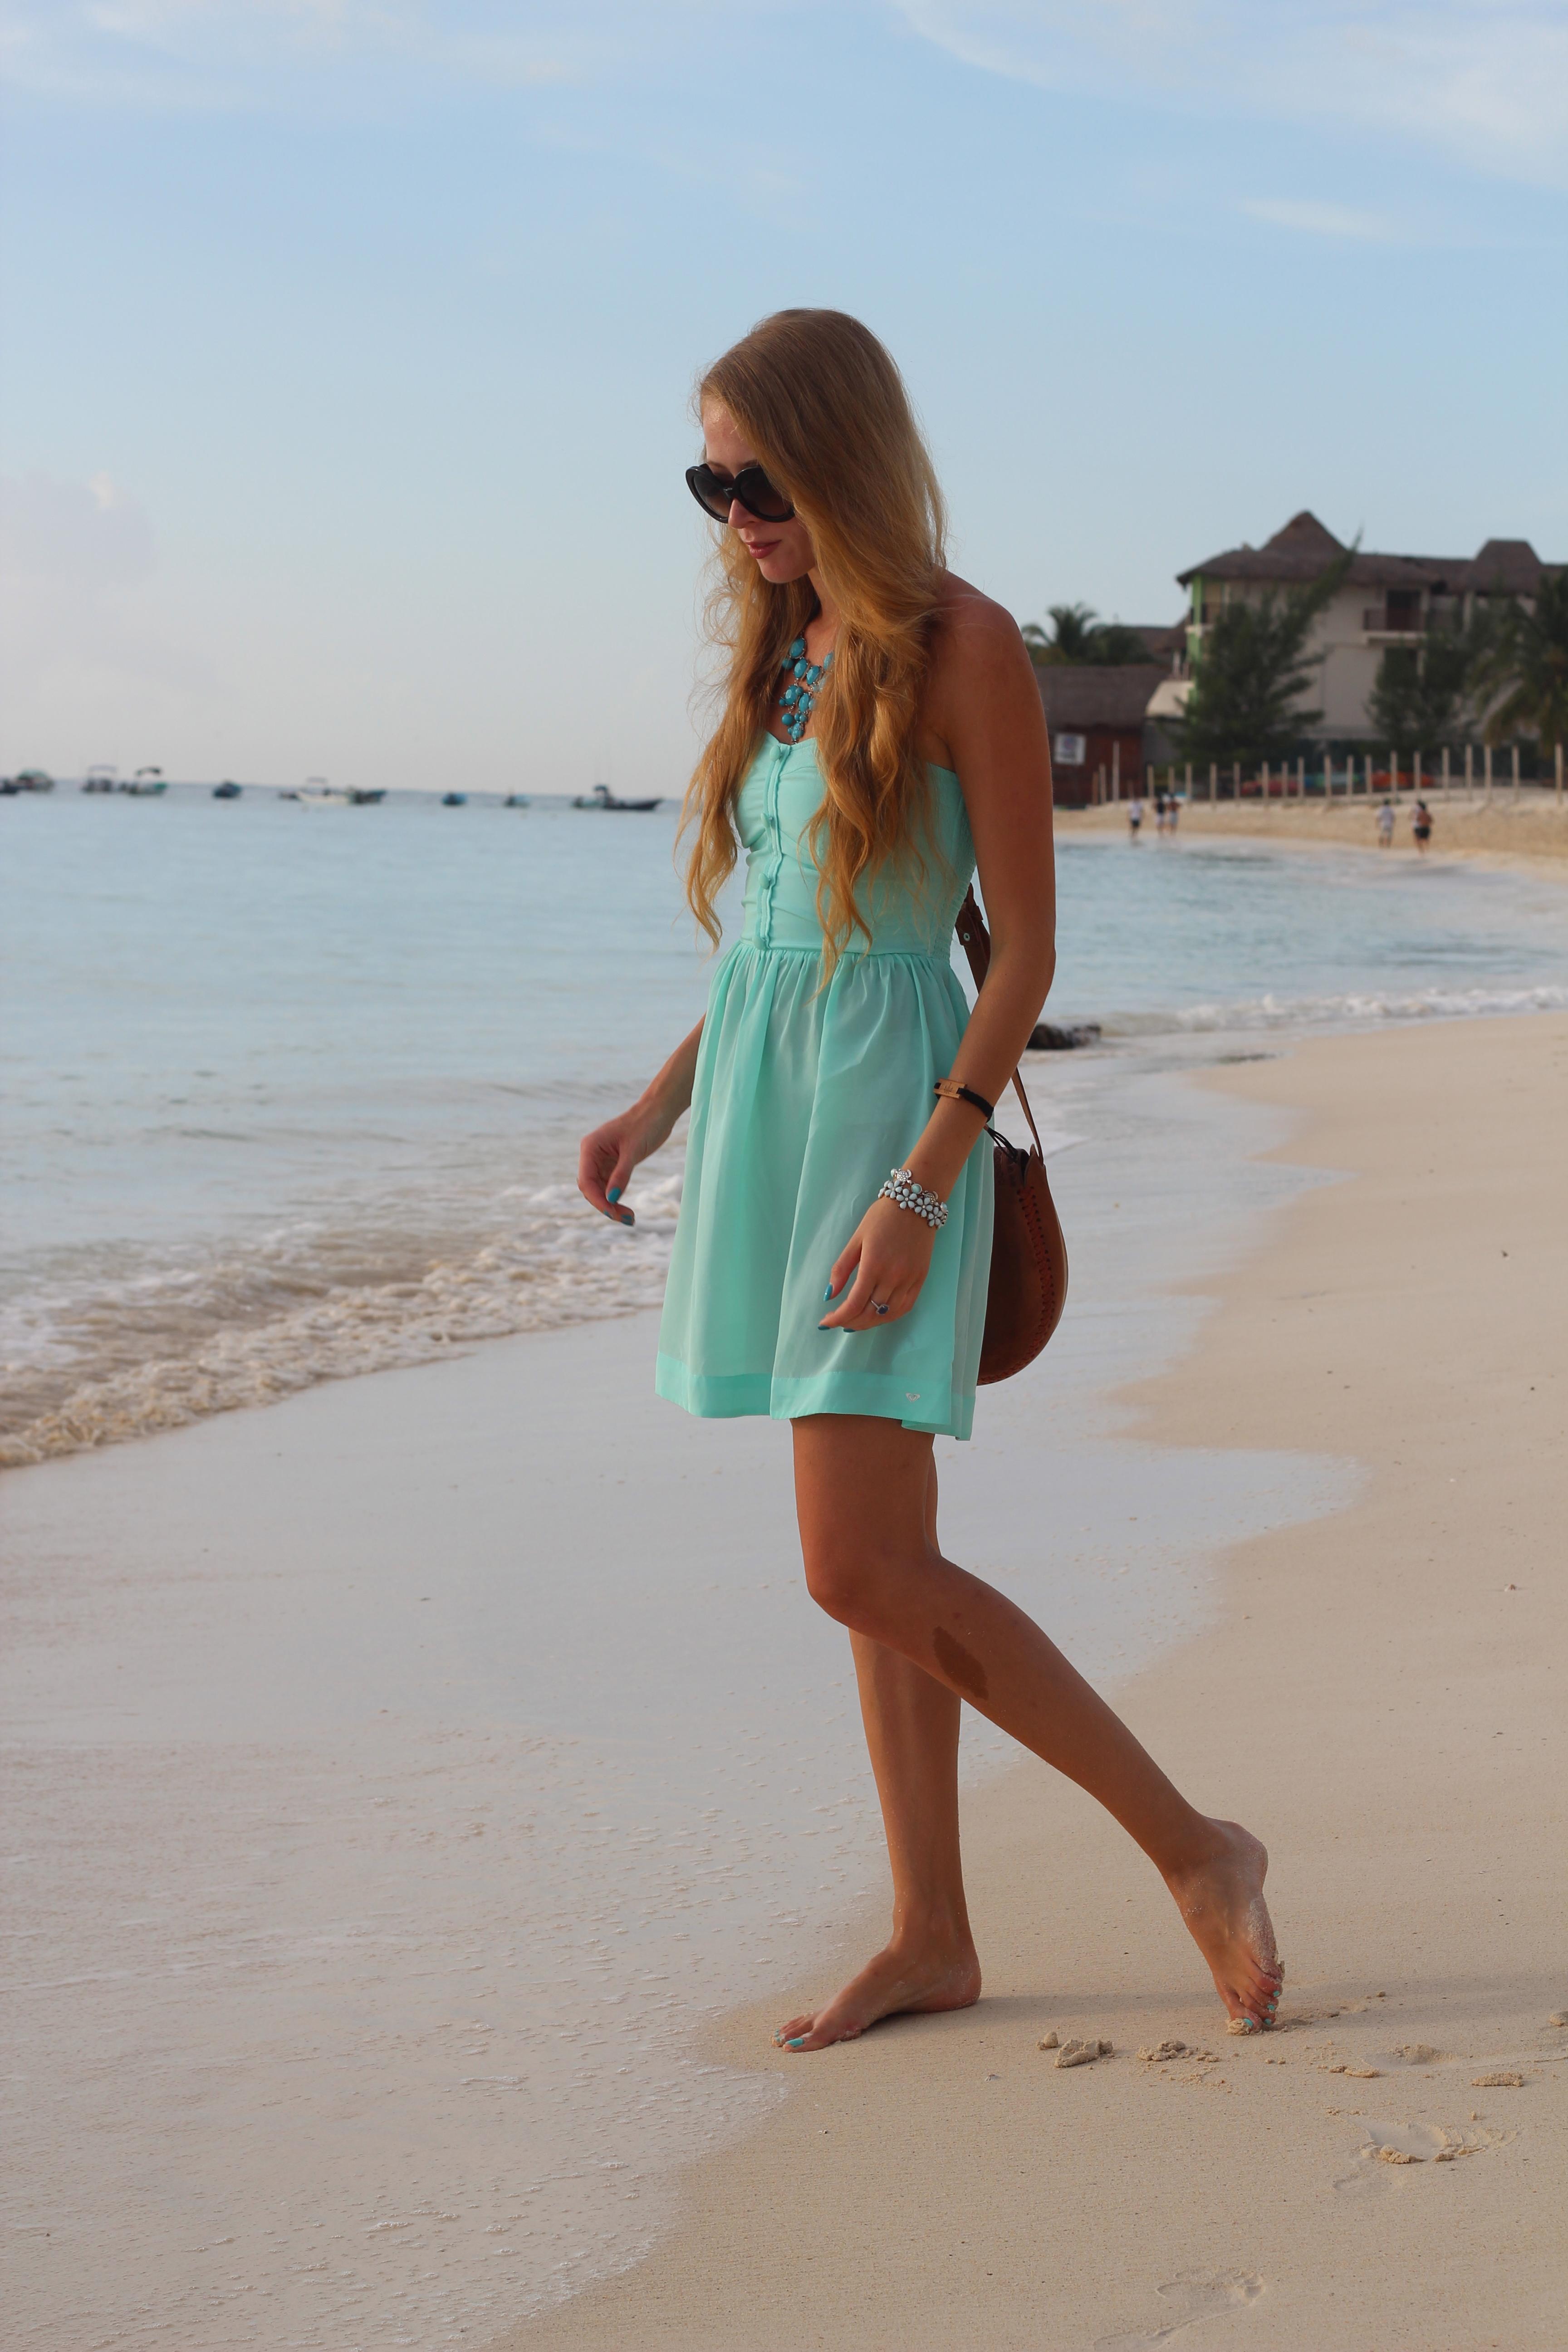 roxy dress in water mint